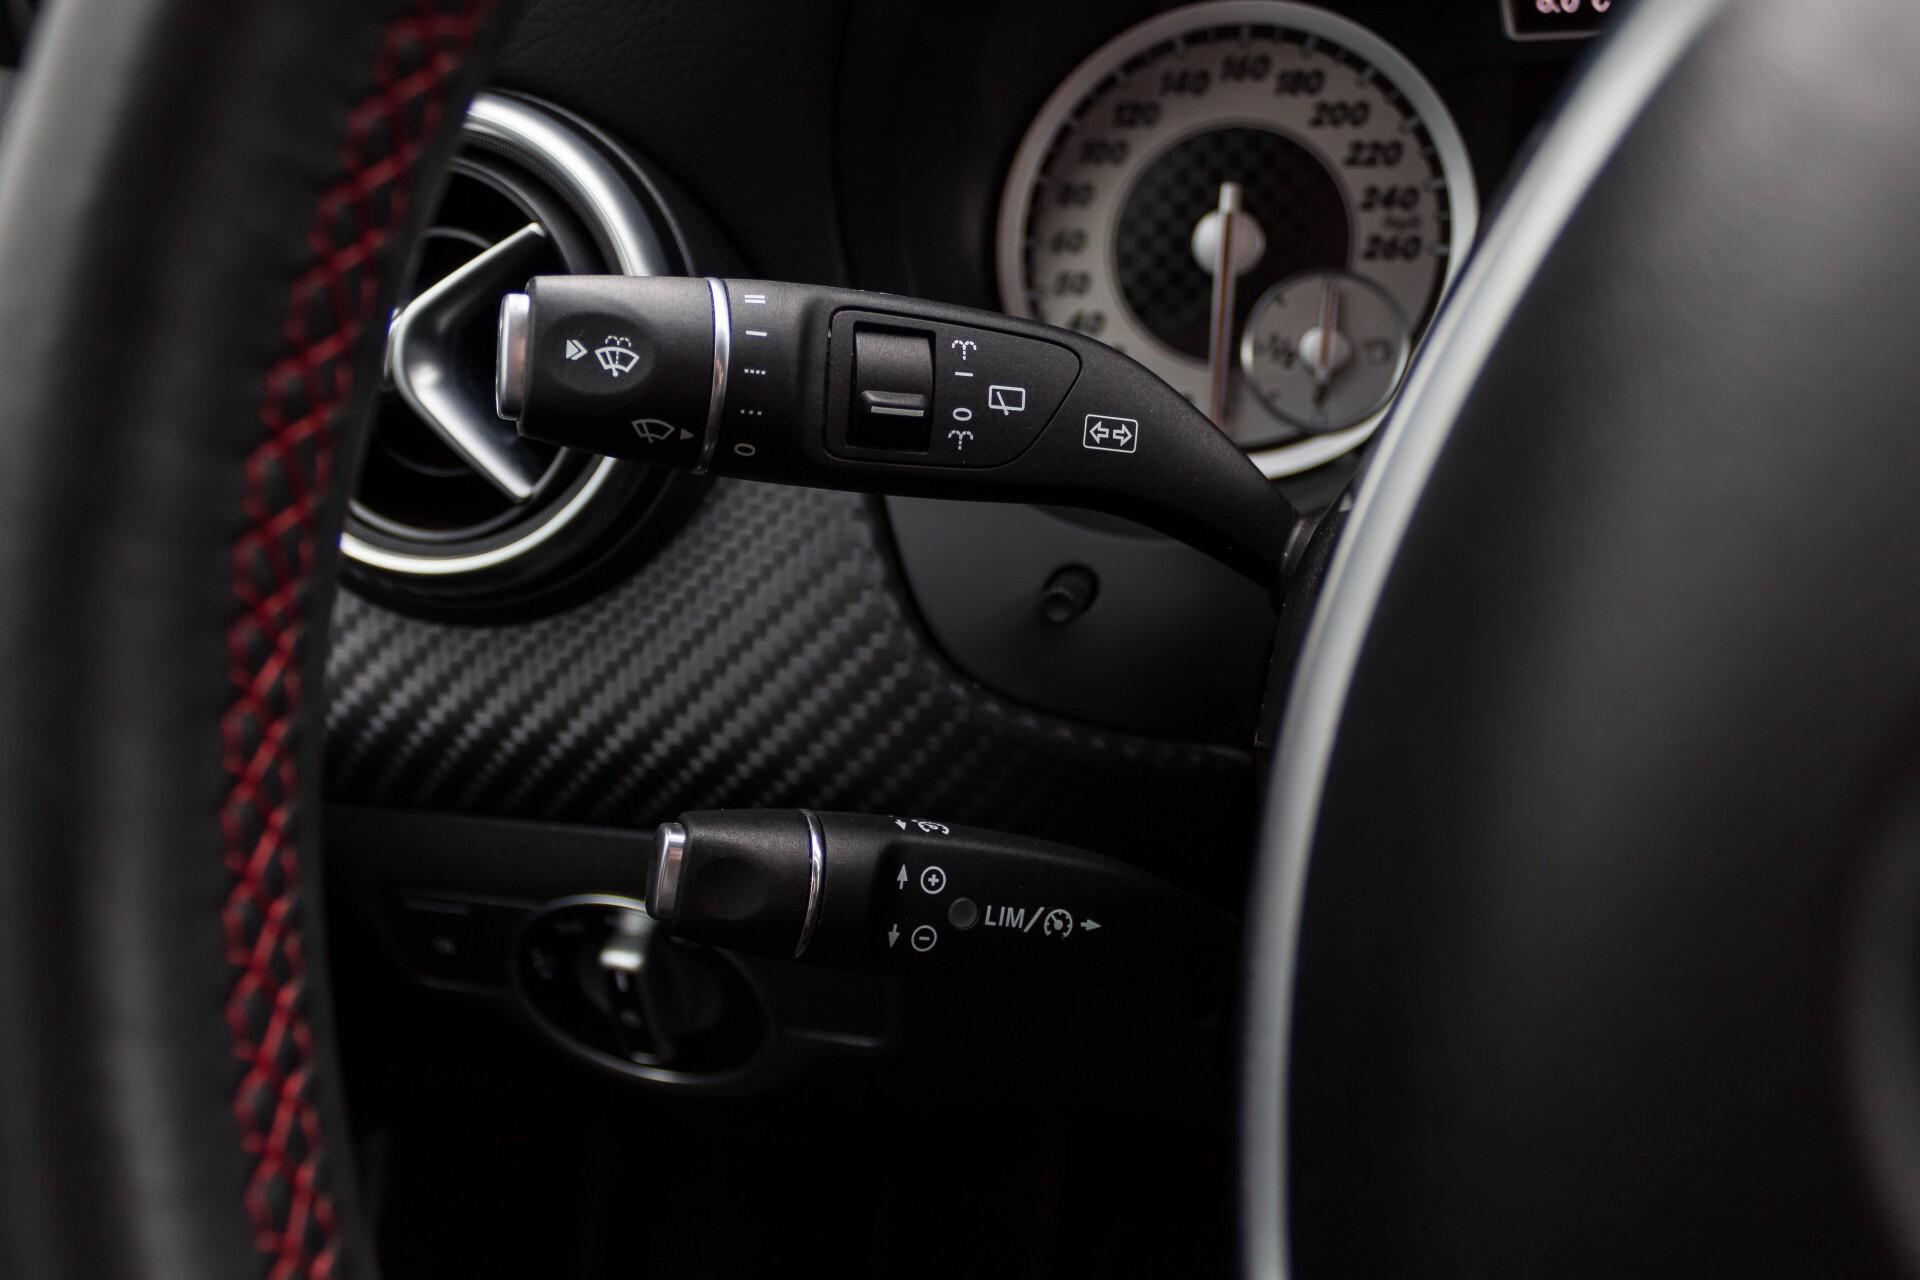 Mercedes-Benz A-Klasse 180 Cdi AMG Panorama Bi-xenon/Navi/PTS Aut7 Foto 10